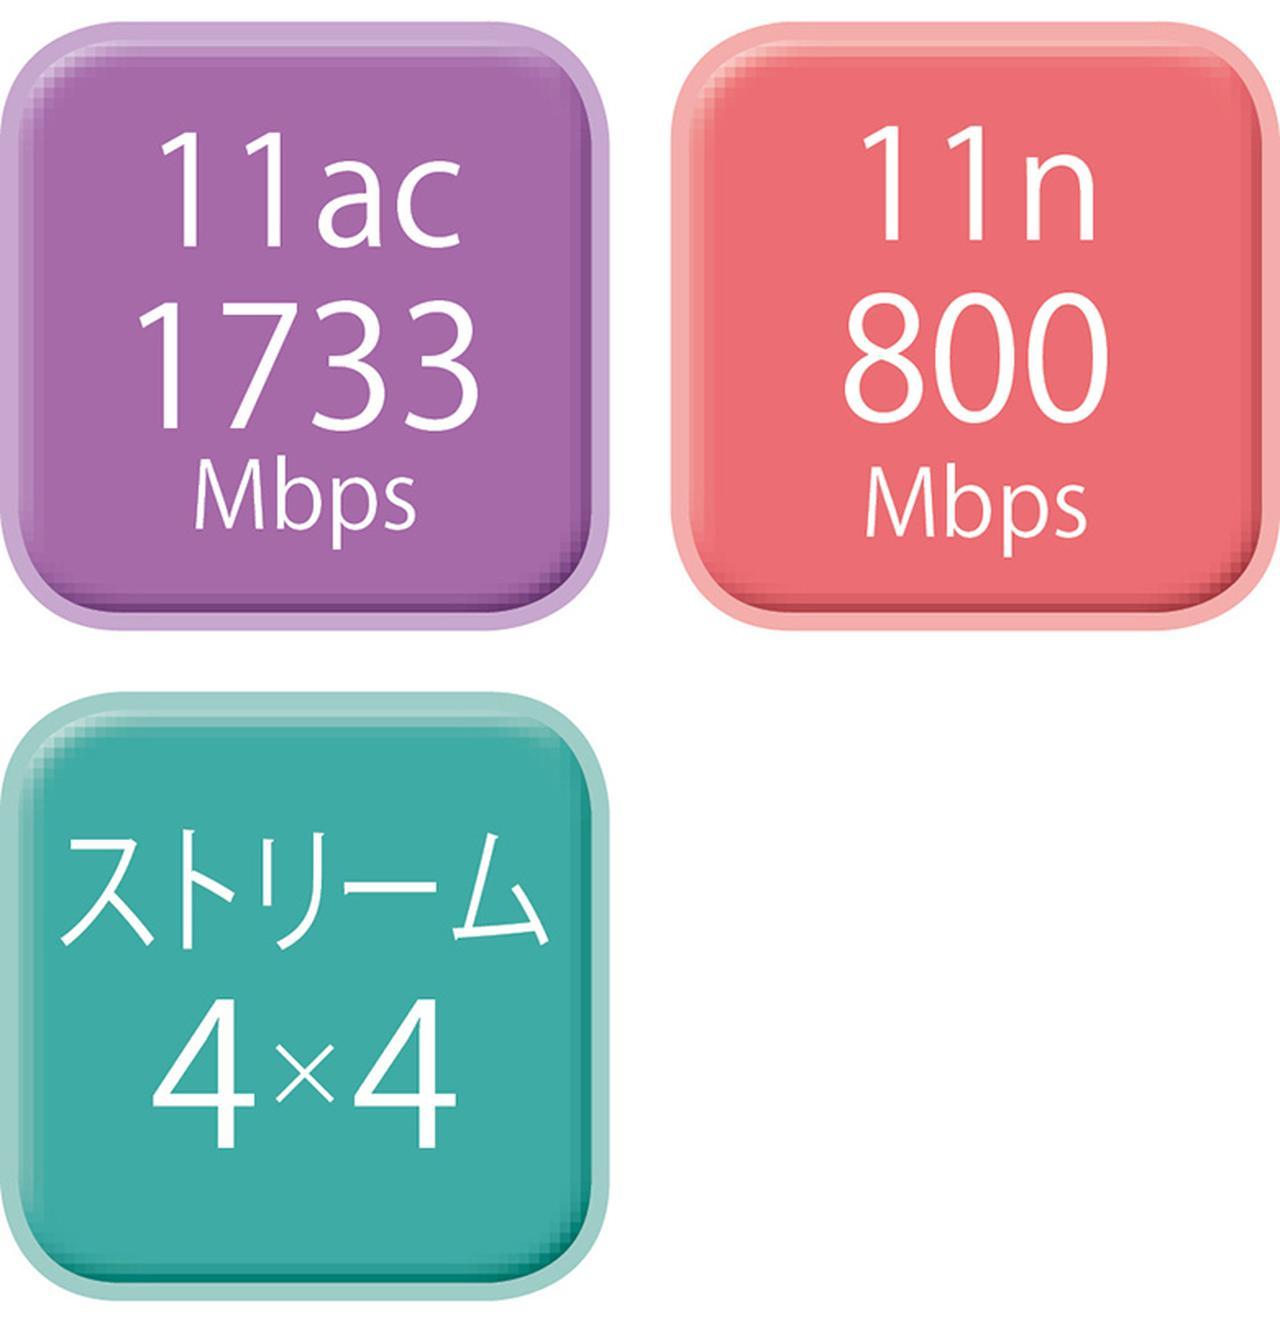 画像1: 【Wi-Fiルーター】アンテナの本数はなぜ違う?通信速度と関係がある?